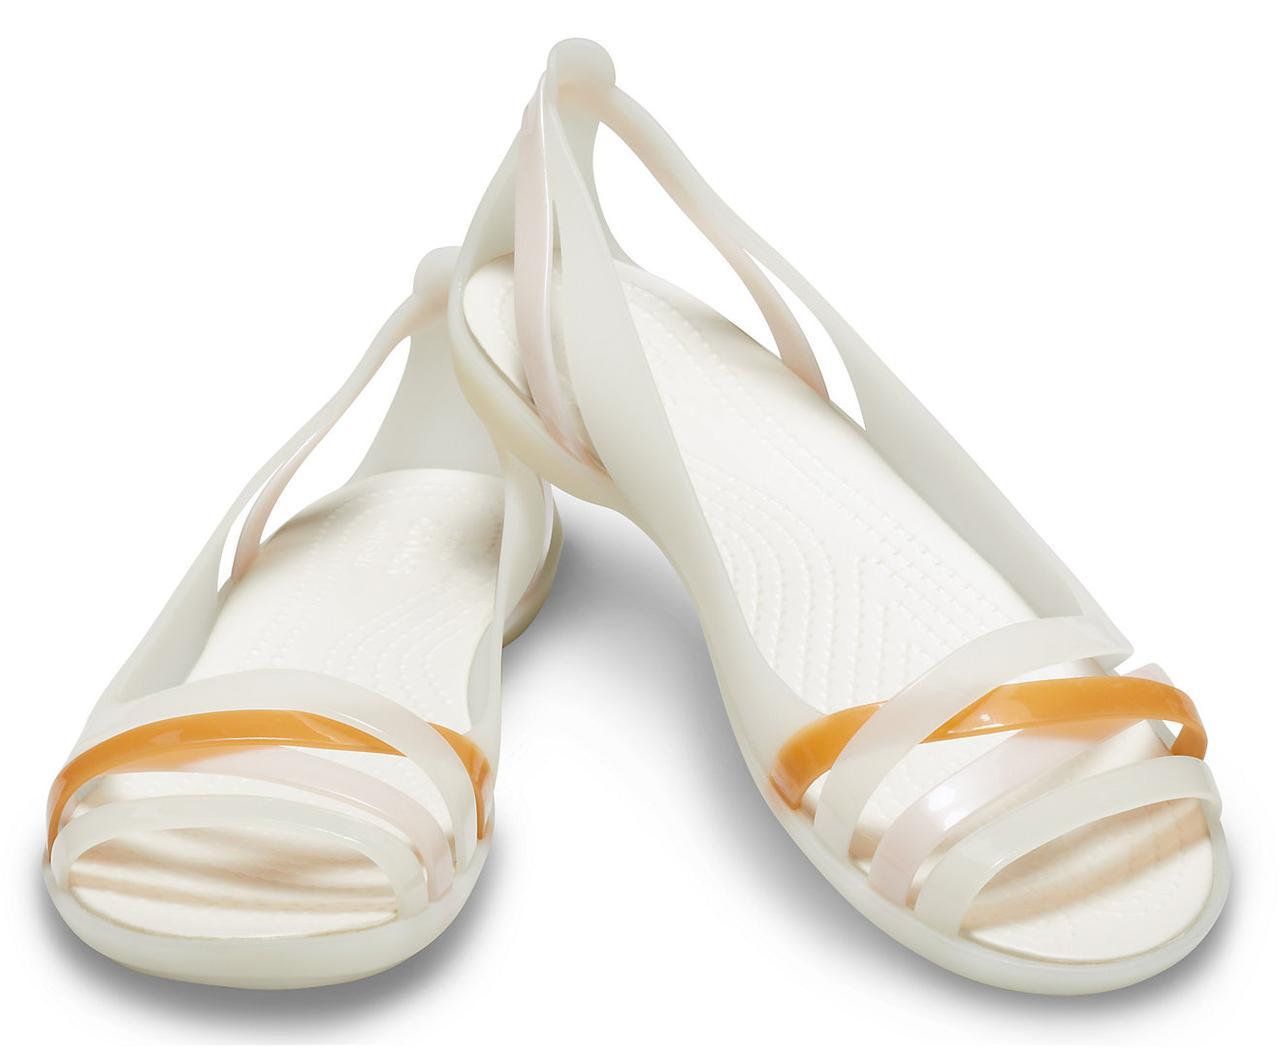 Босоножки женские Крокс Изабелла оригинал / Crocs Women's Isabella Huarache II Flat (204912), Молочные 38